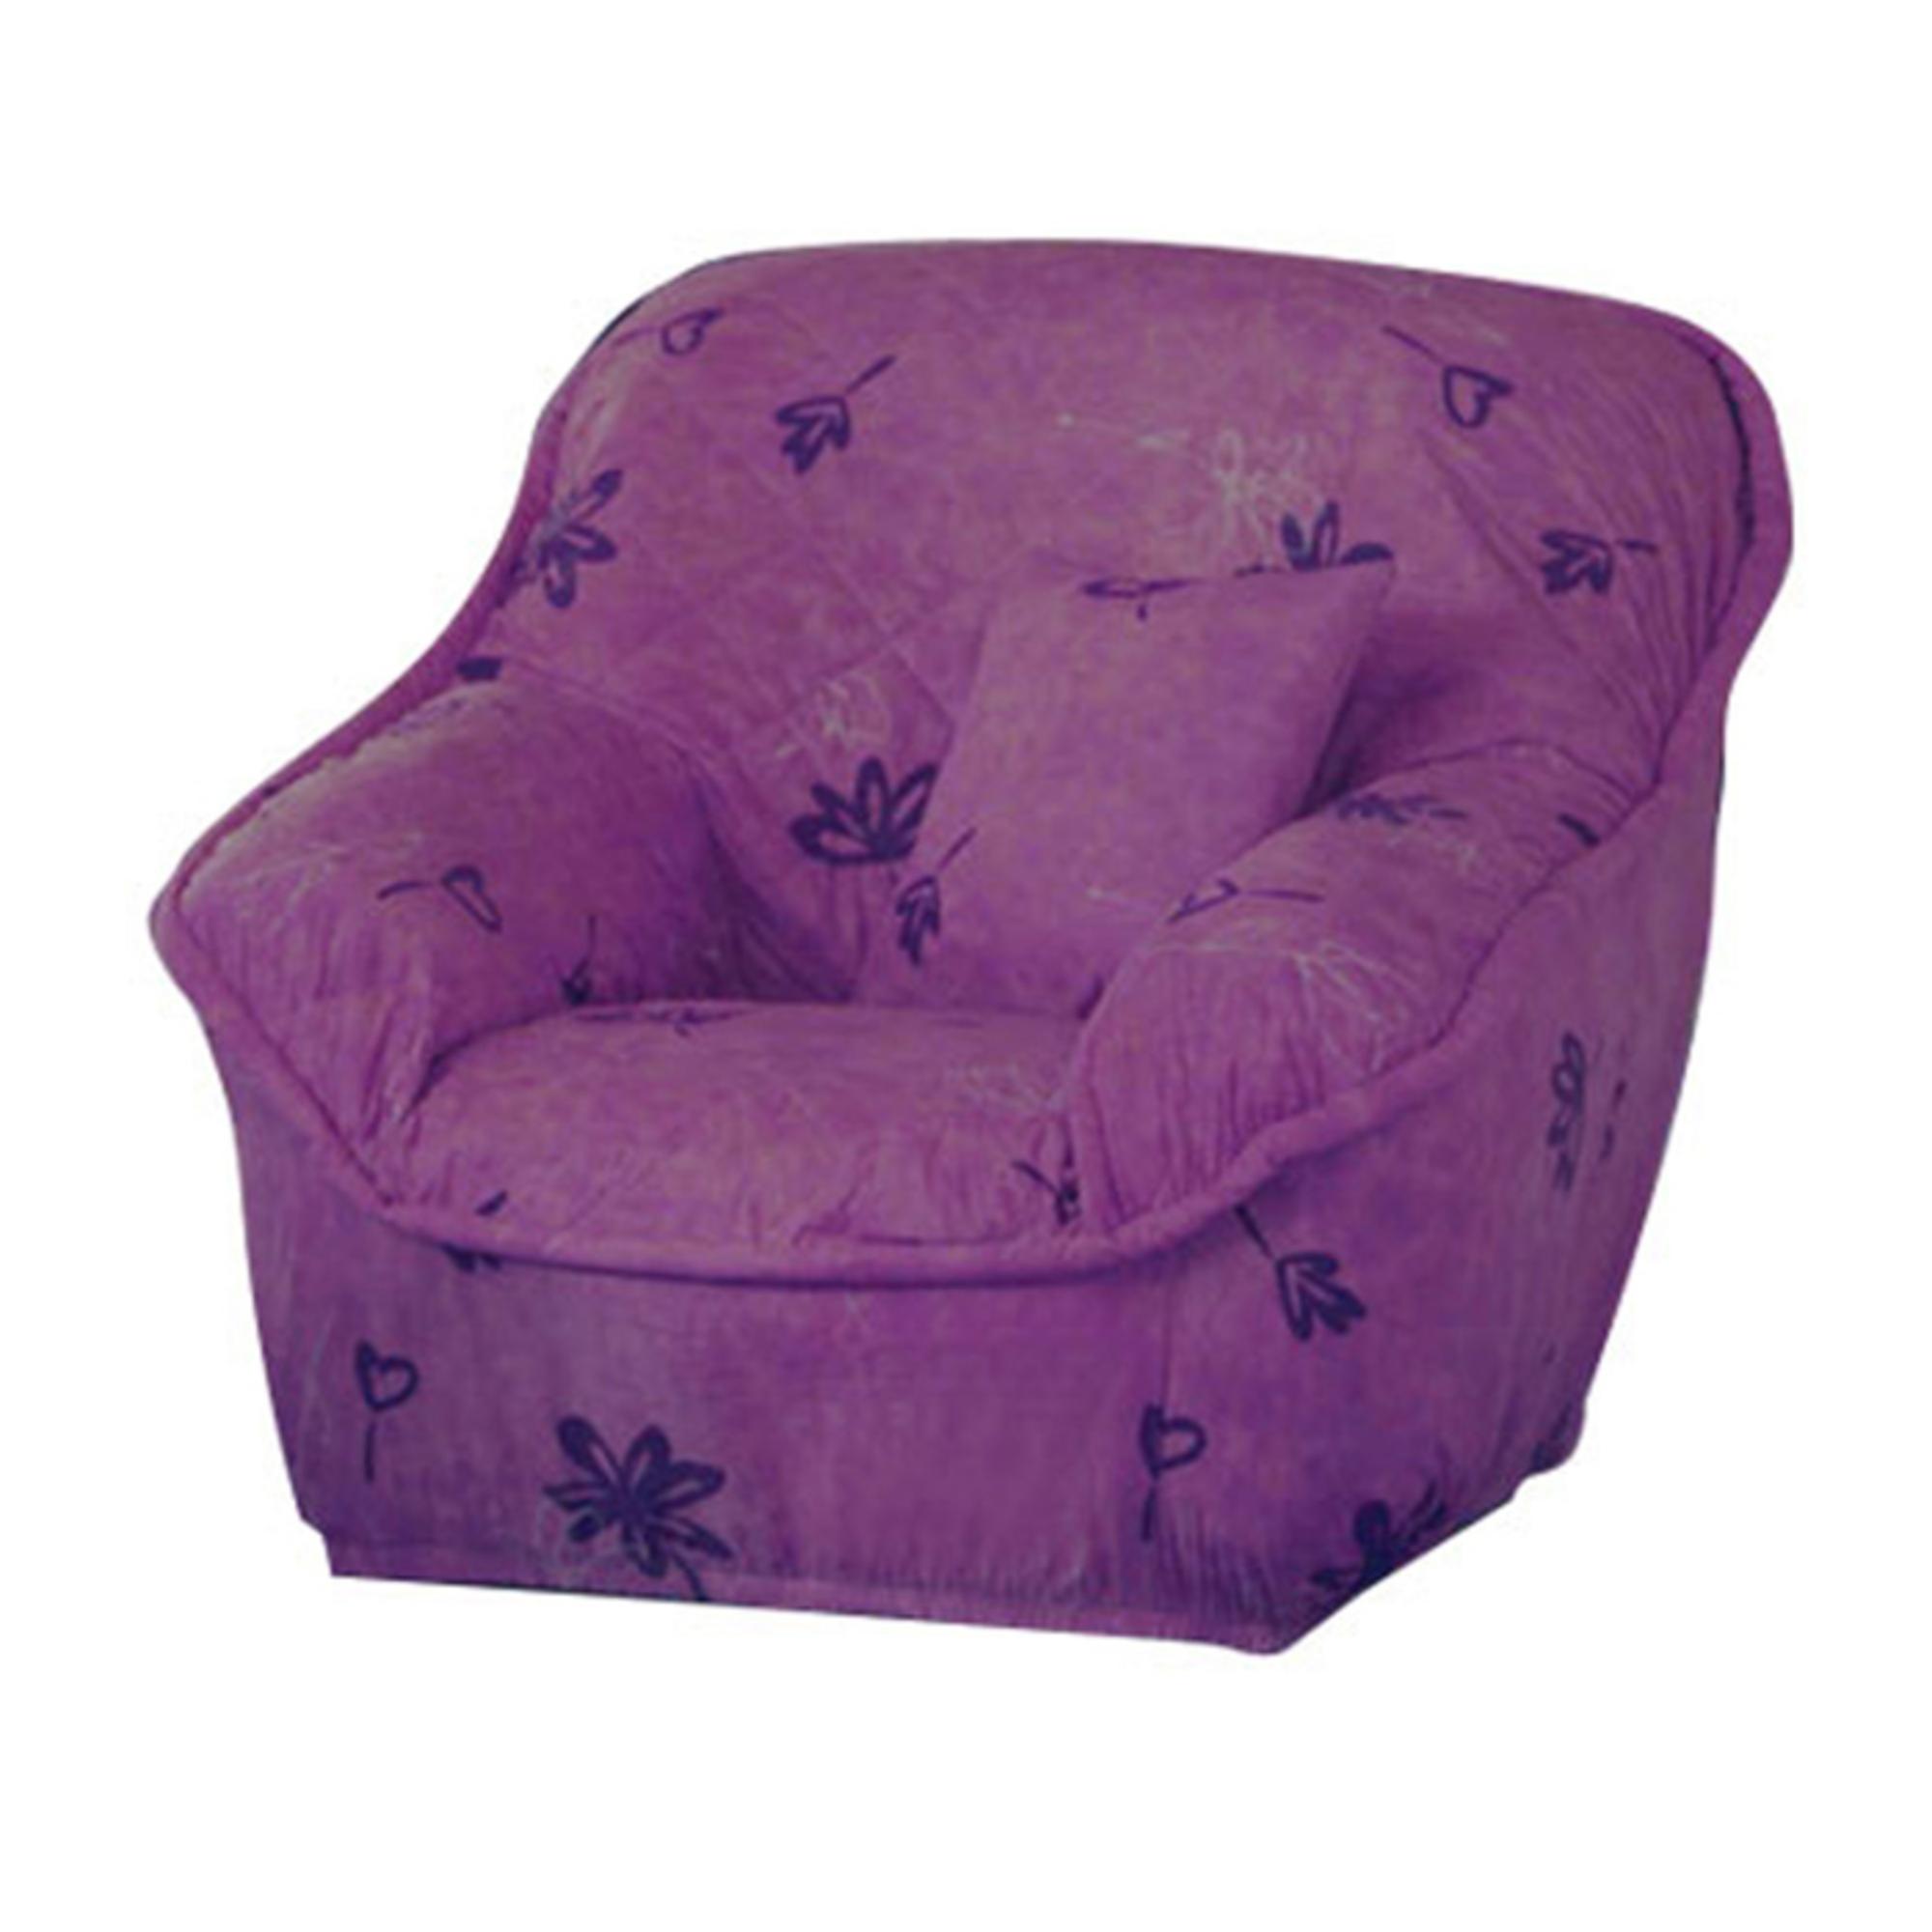 housse de fauteuil prune aline frais de traitement de commande offerts acheter ce produit au. Black Bedroom Furniture Sets. Home Design Ideas